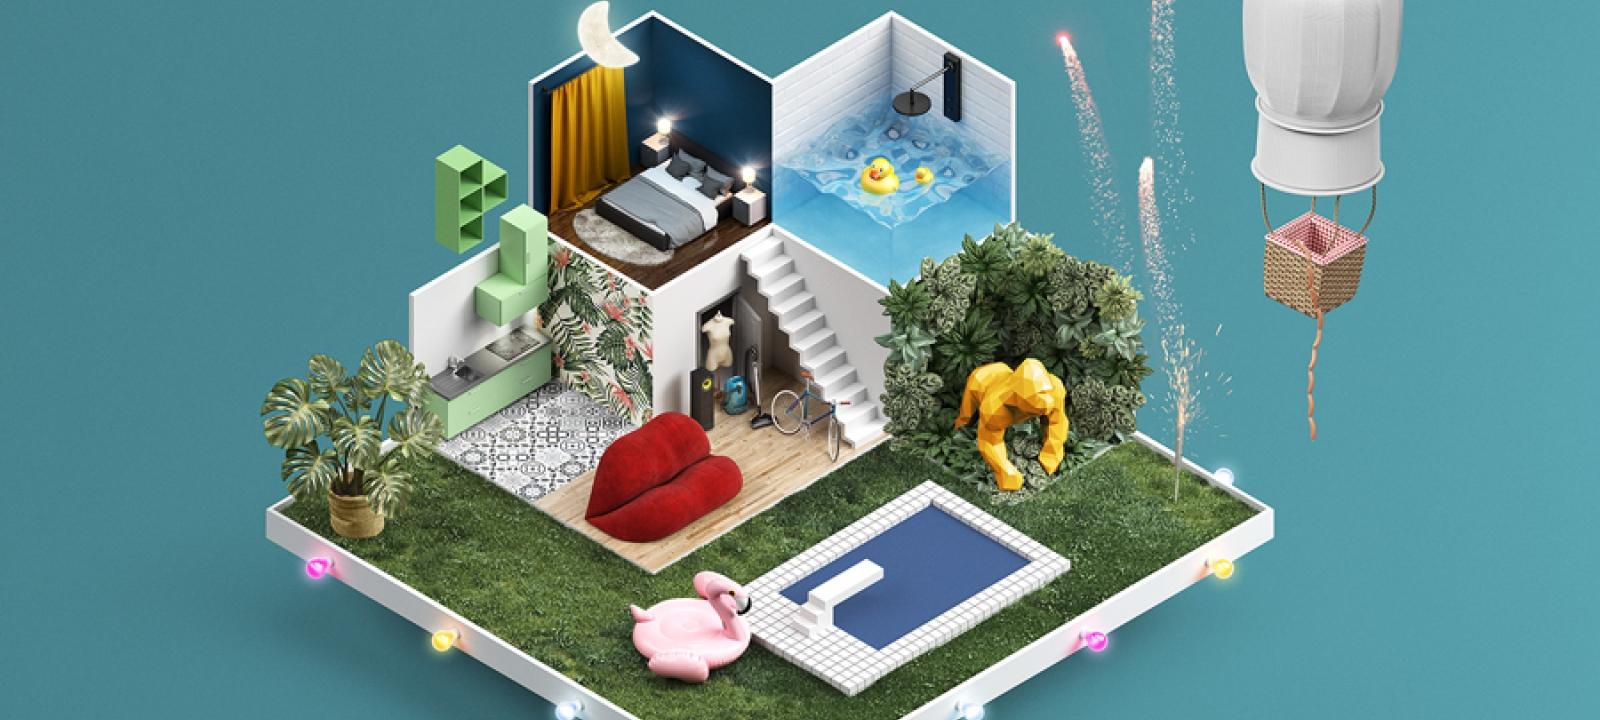 hotel apollon montparnasse foire de paris 2018 hotel. Black Bedroom Furniture Sets. Home Design Ideas